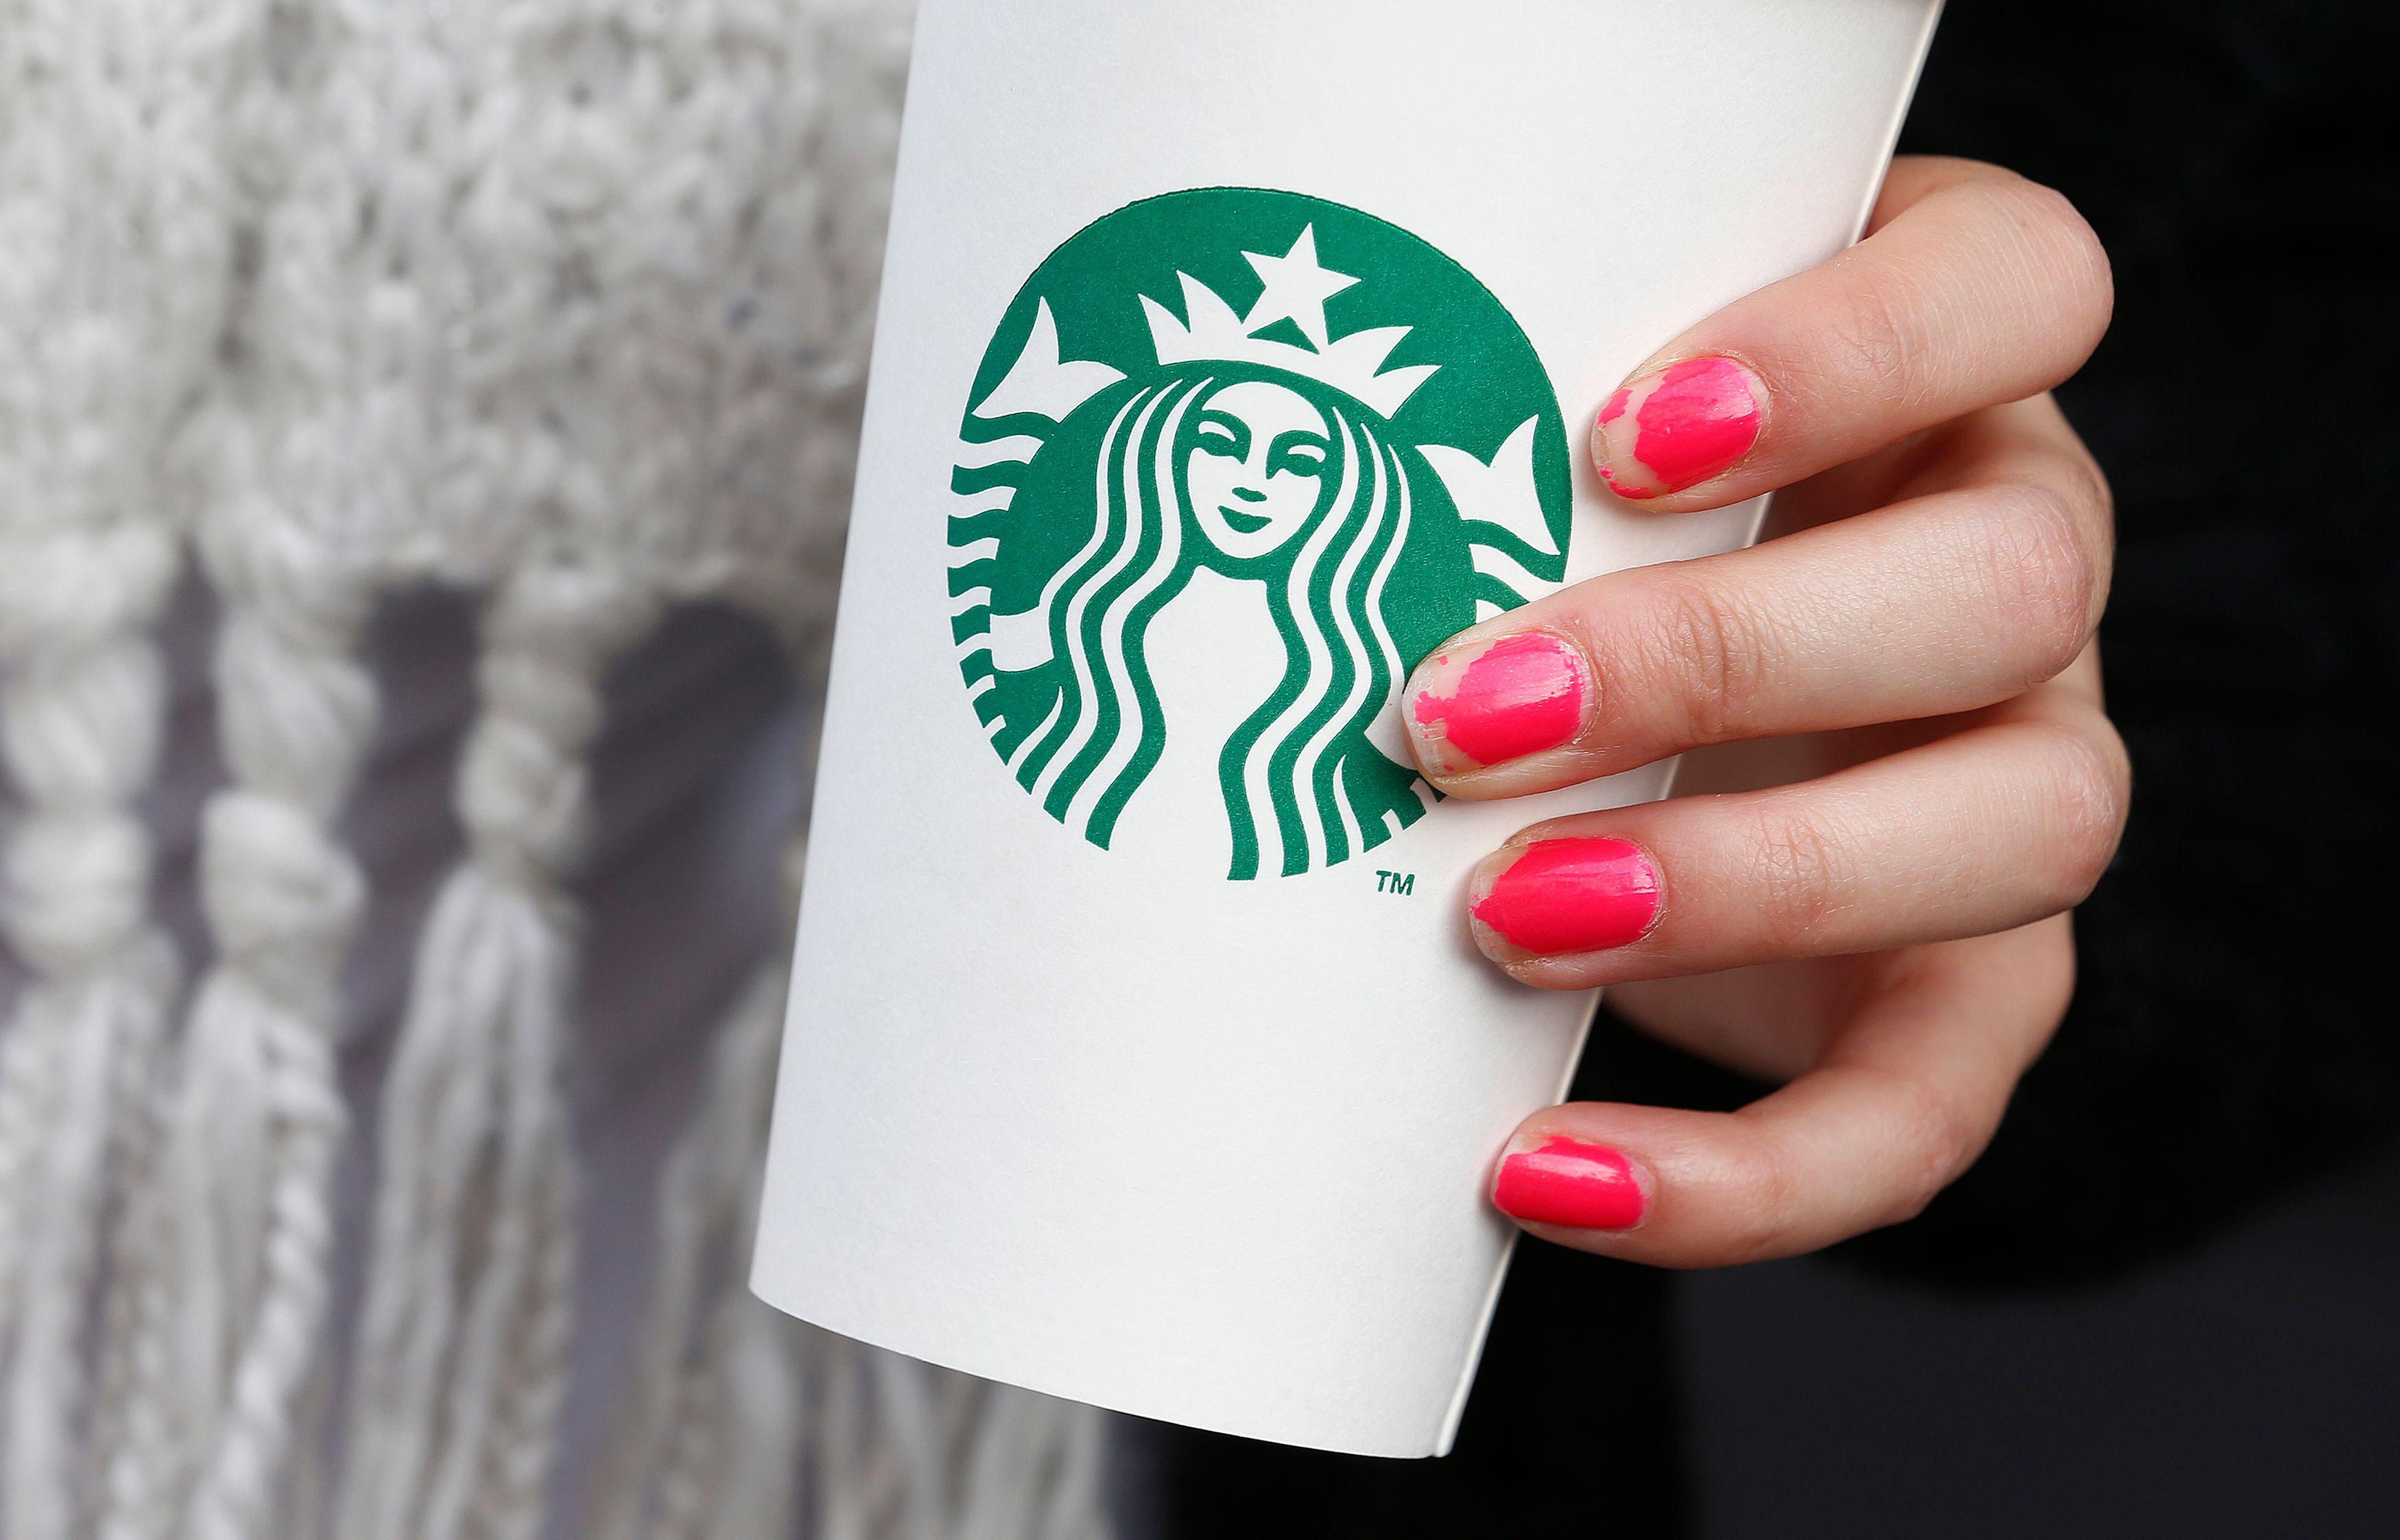 Starbucks va supprimer les pailles en plastique dans ses enseignes d'ici à 2020